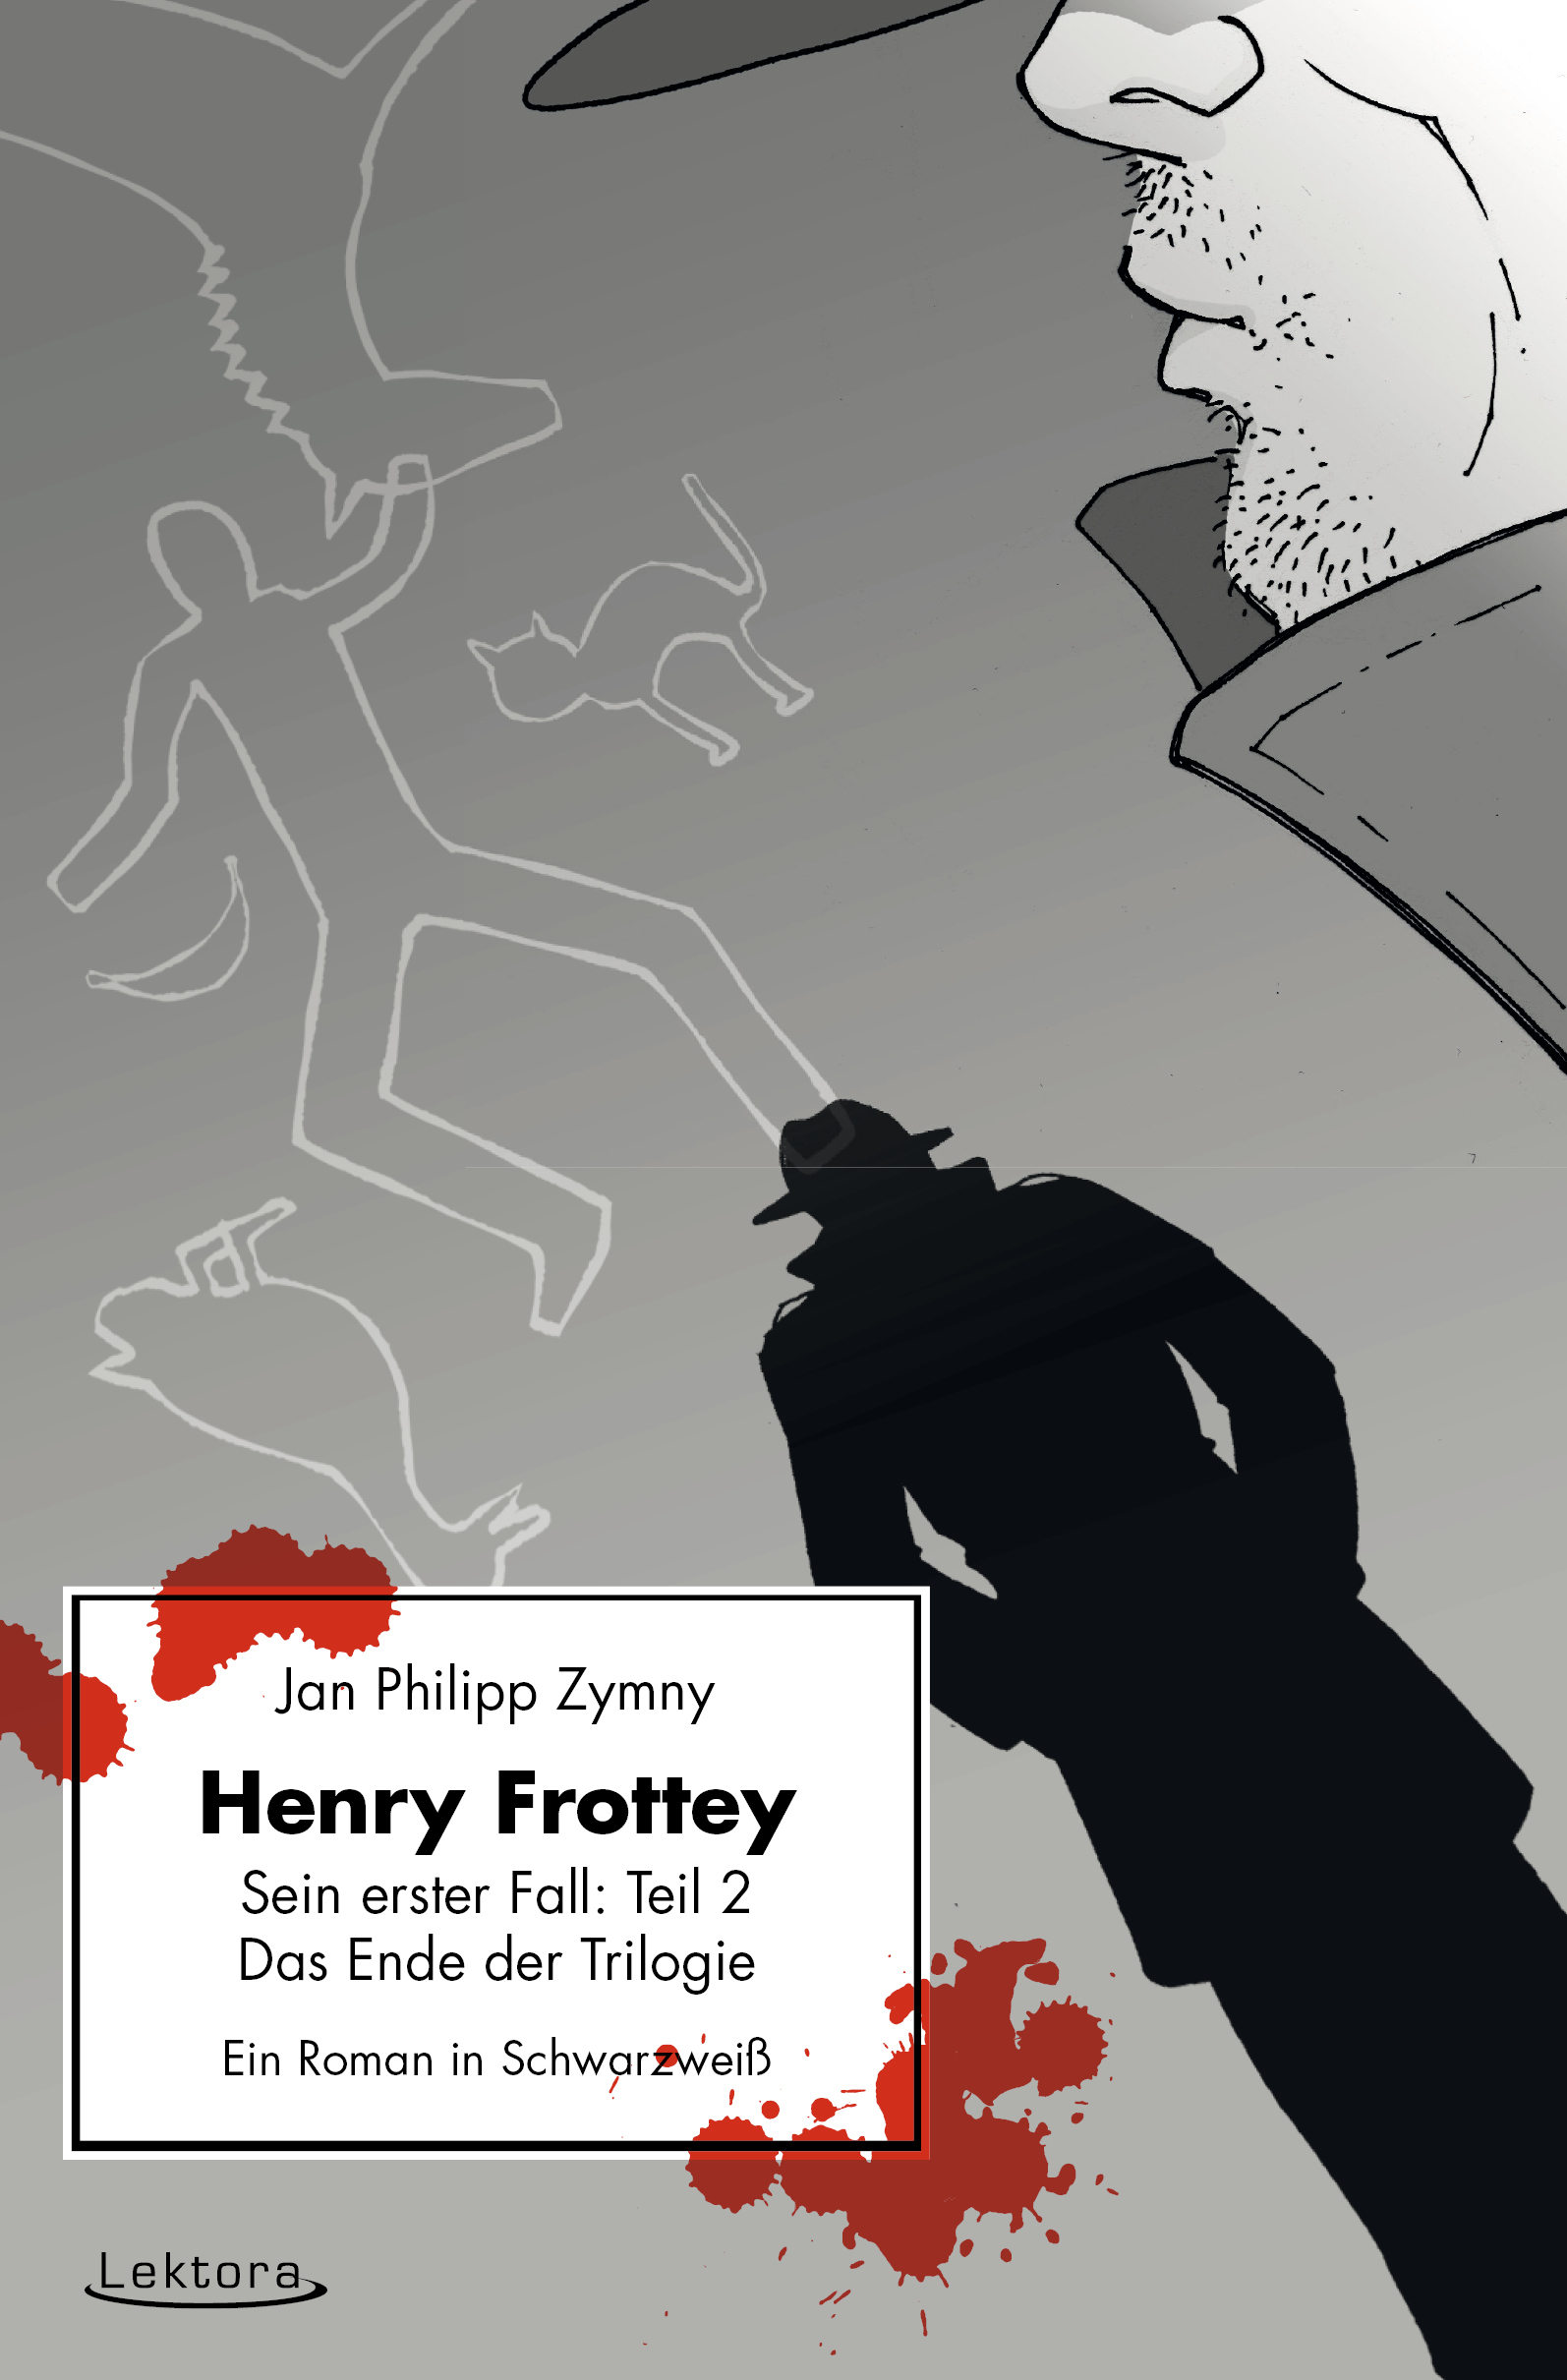 цена Jan Philipp Zymny Henry Frottey - Sein erster Fall: Teil 2 - Das Ende der Trilogie: Ein Roman in Schwarzweiß